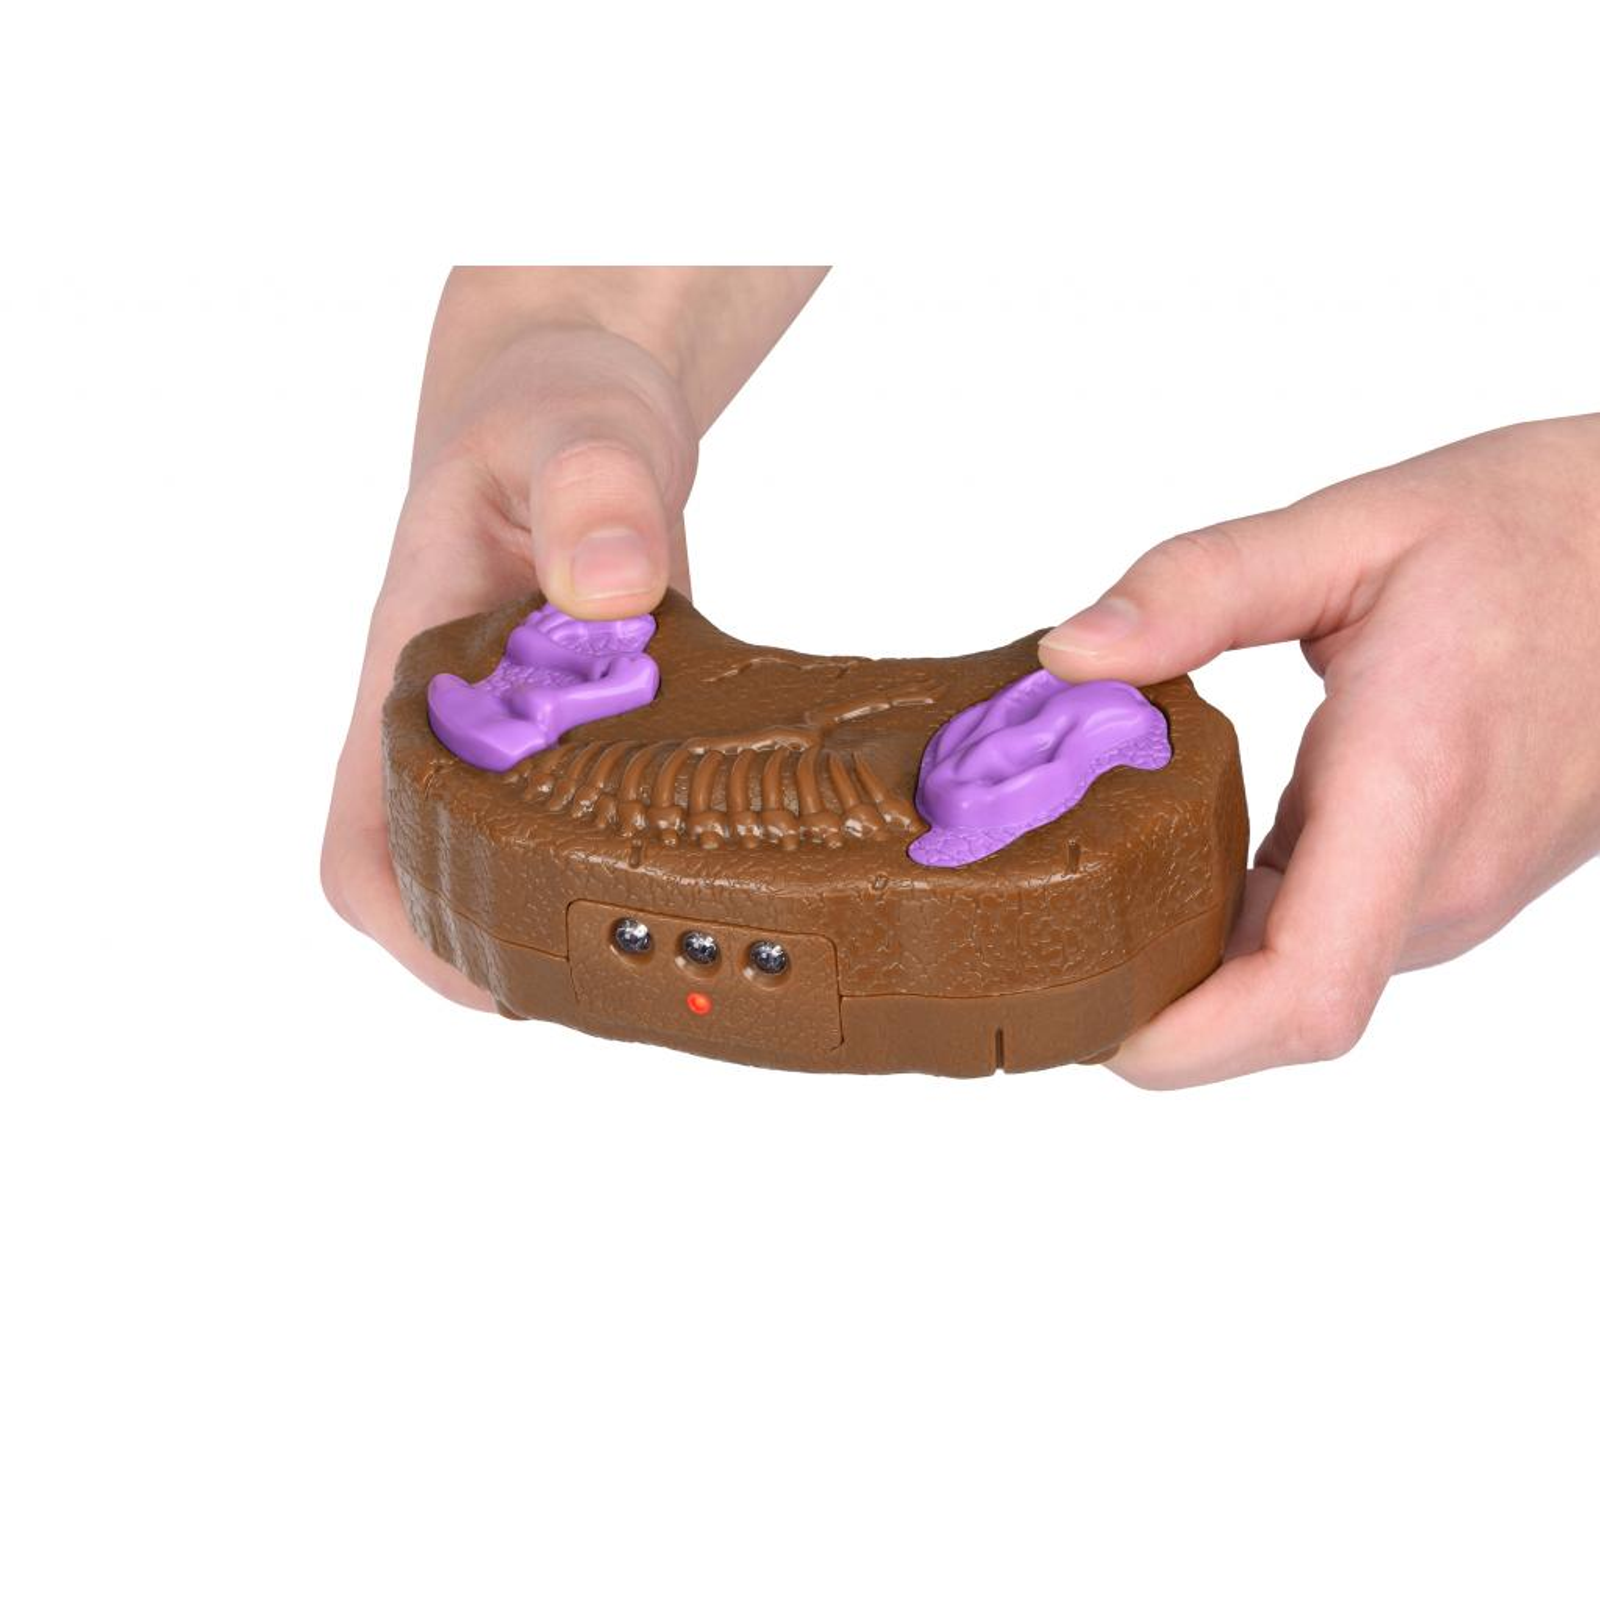 Интерактивная игрушка Same Toy Динозавр Dinosaur Planet коричневый со светом и звуком (RS6133Ut) изображение 2